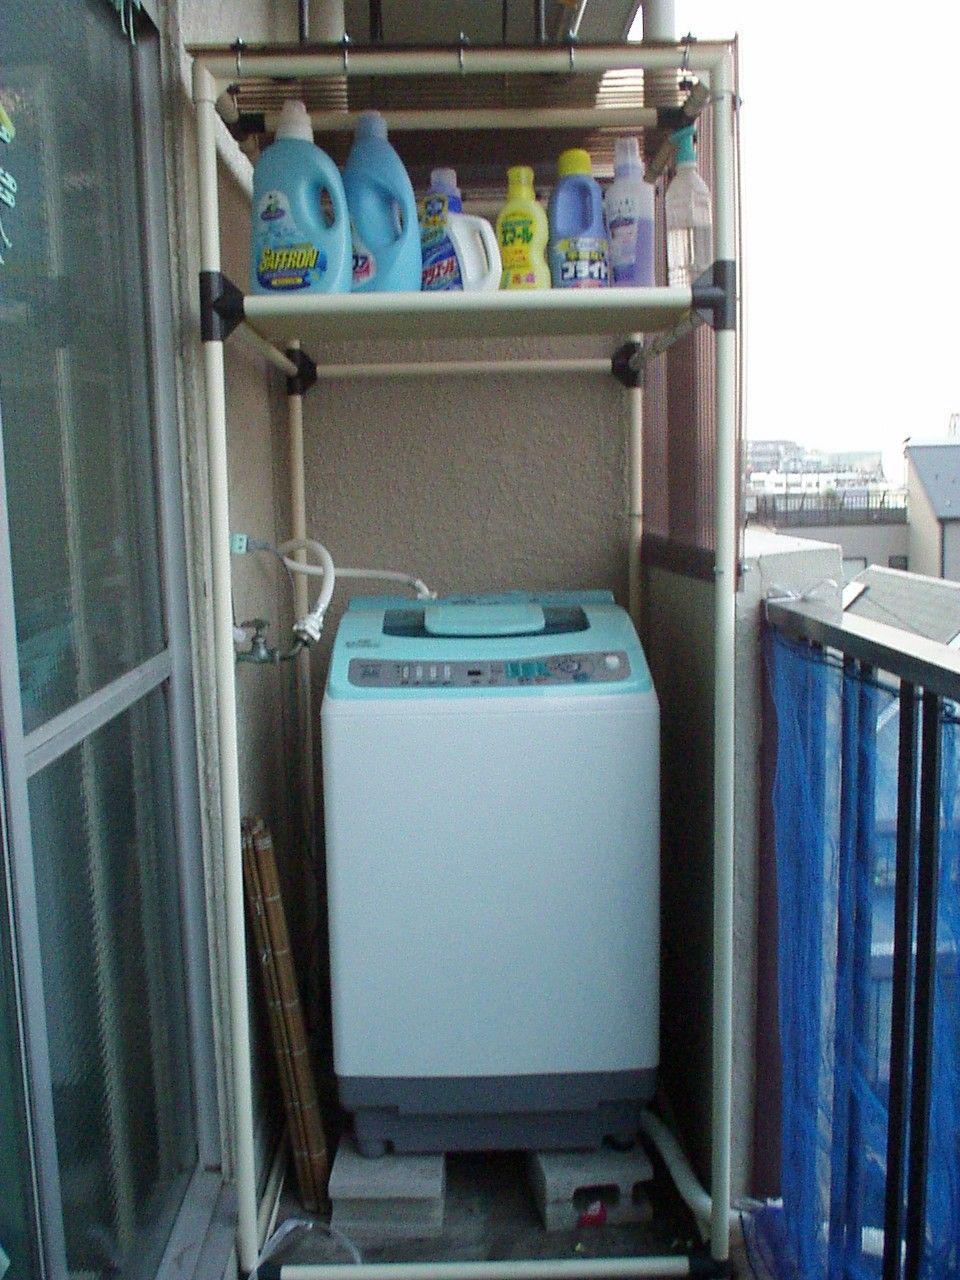 洗濯機 ベランダ 風雨 Google 検索 インテリア 収納 洗濯機 カバー インテリア 家具